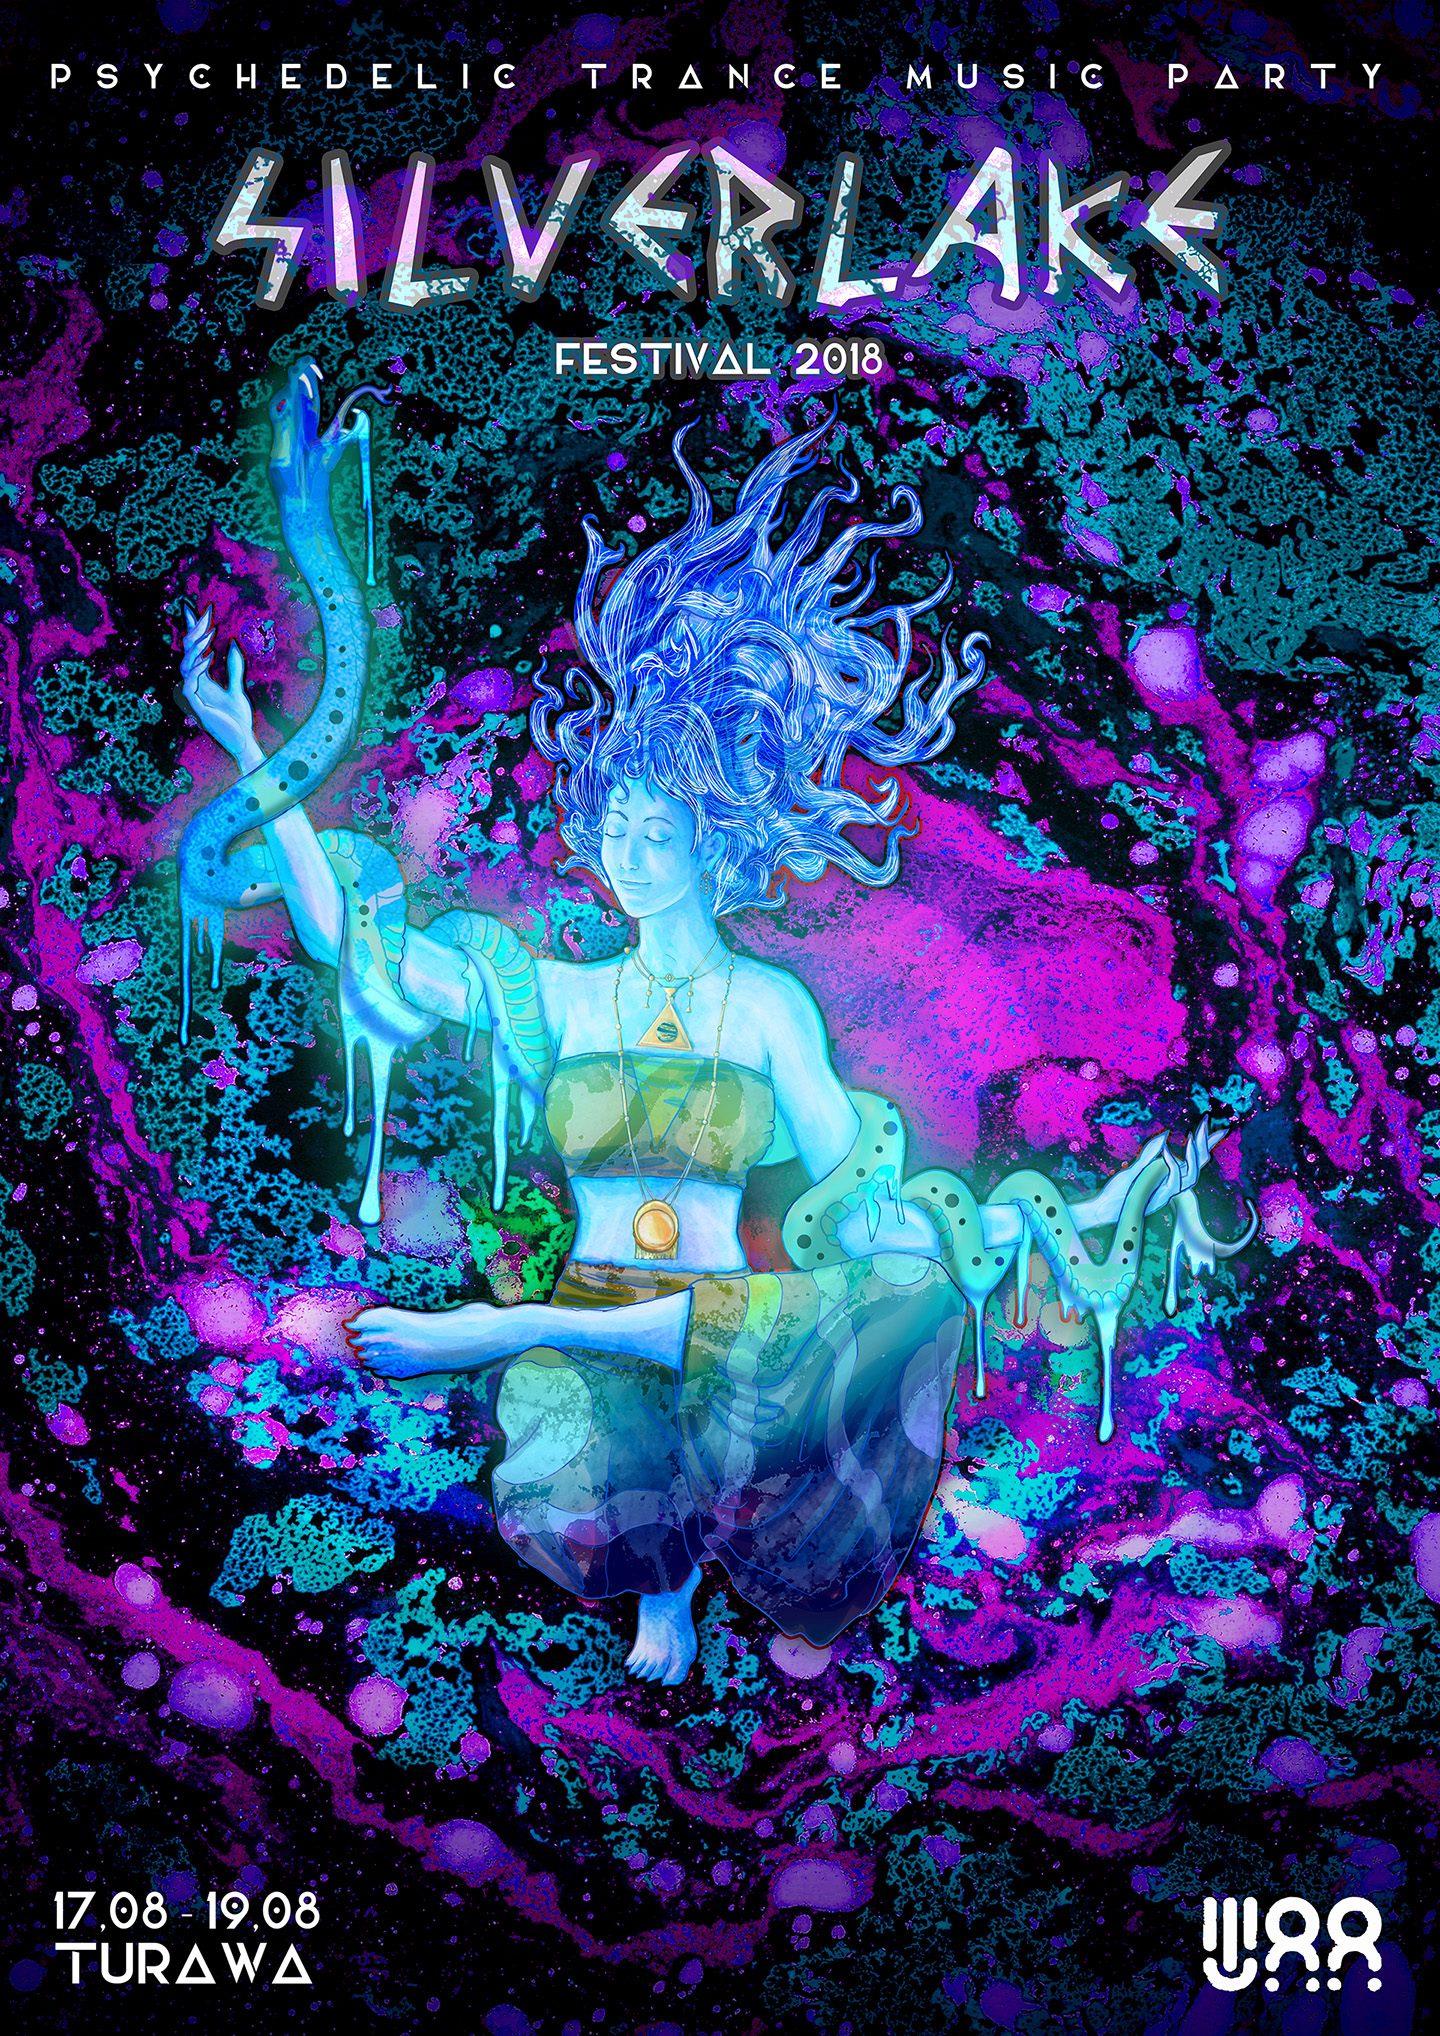 Silver Lake Festival